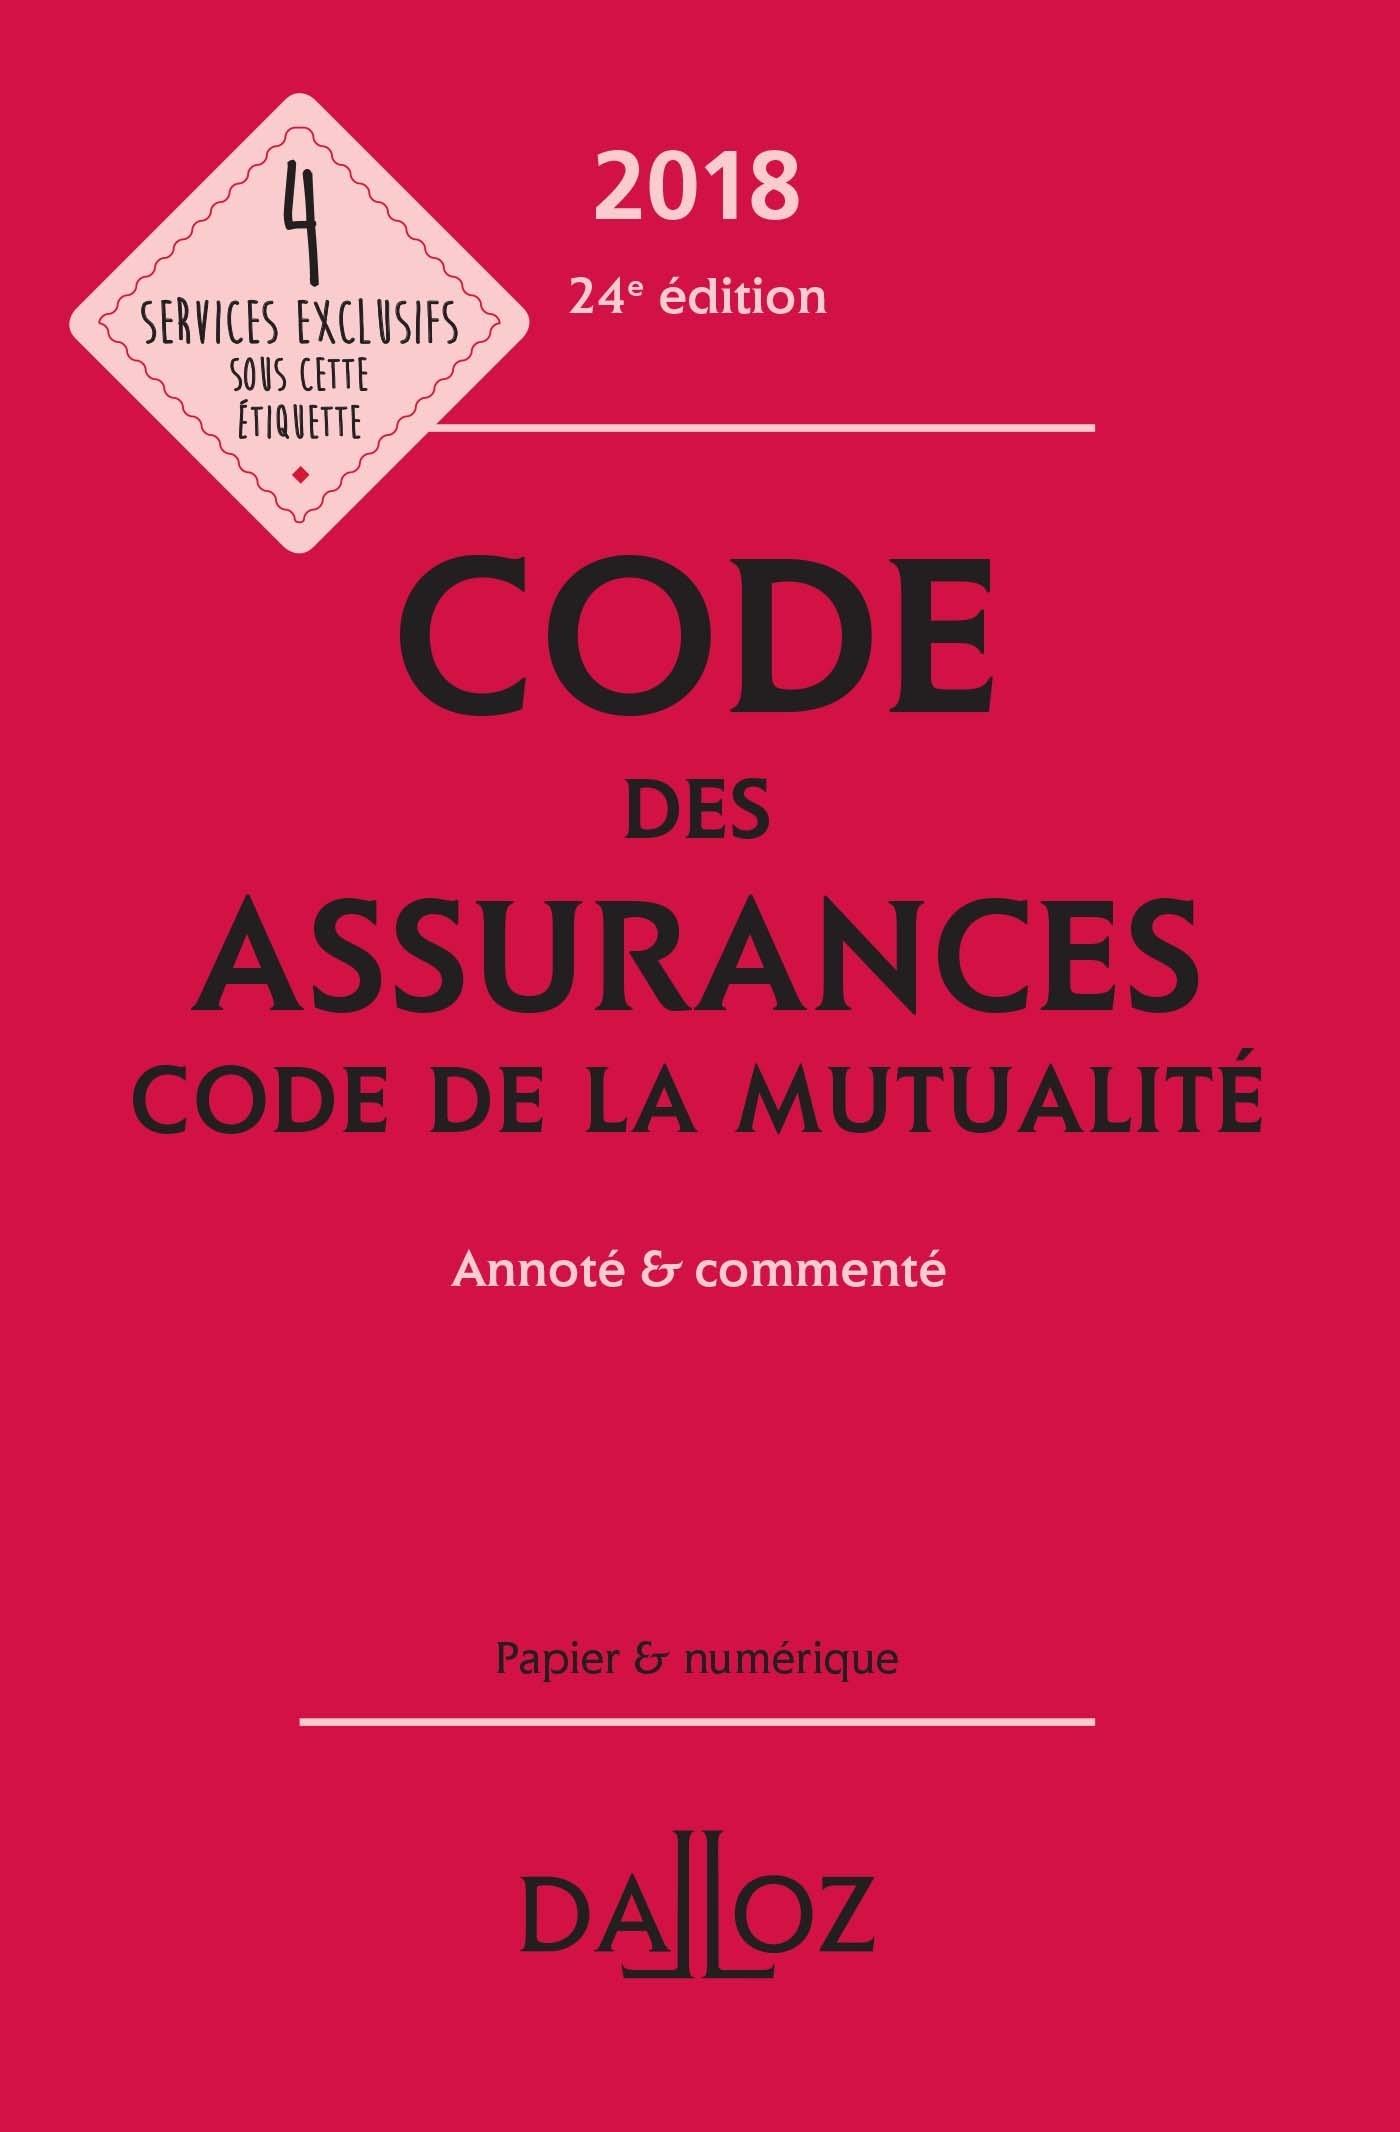 CODE DES ASSURANCES, CODE DE LA MUTUALITE 2018, ANNOTE ET COMMENTE - 24E ED.